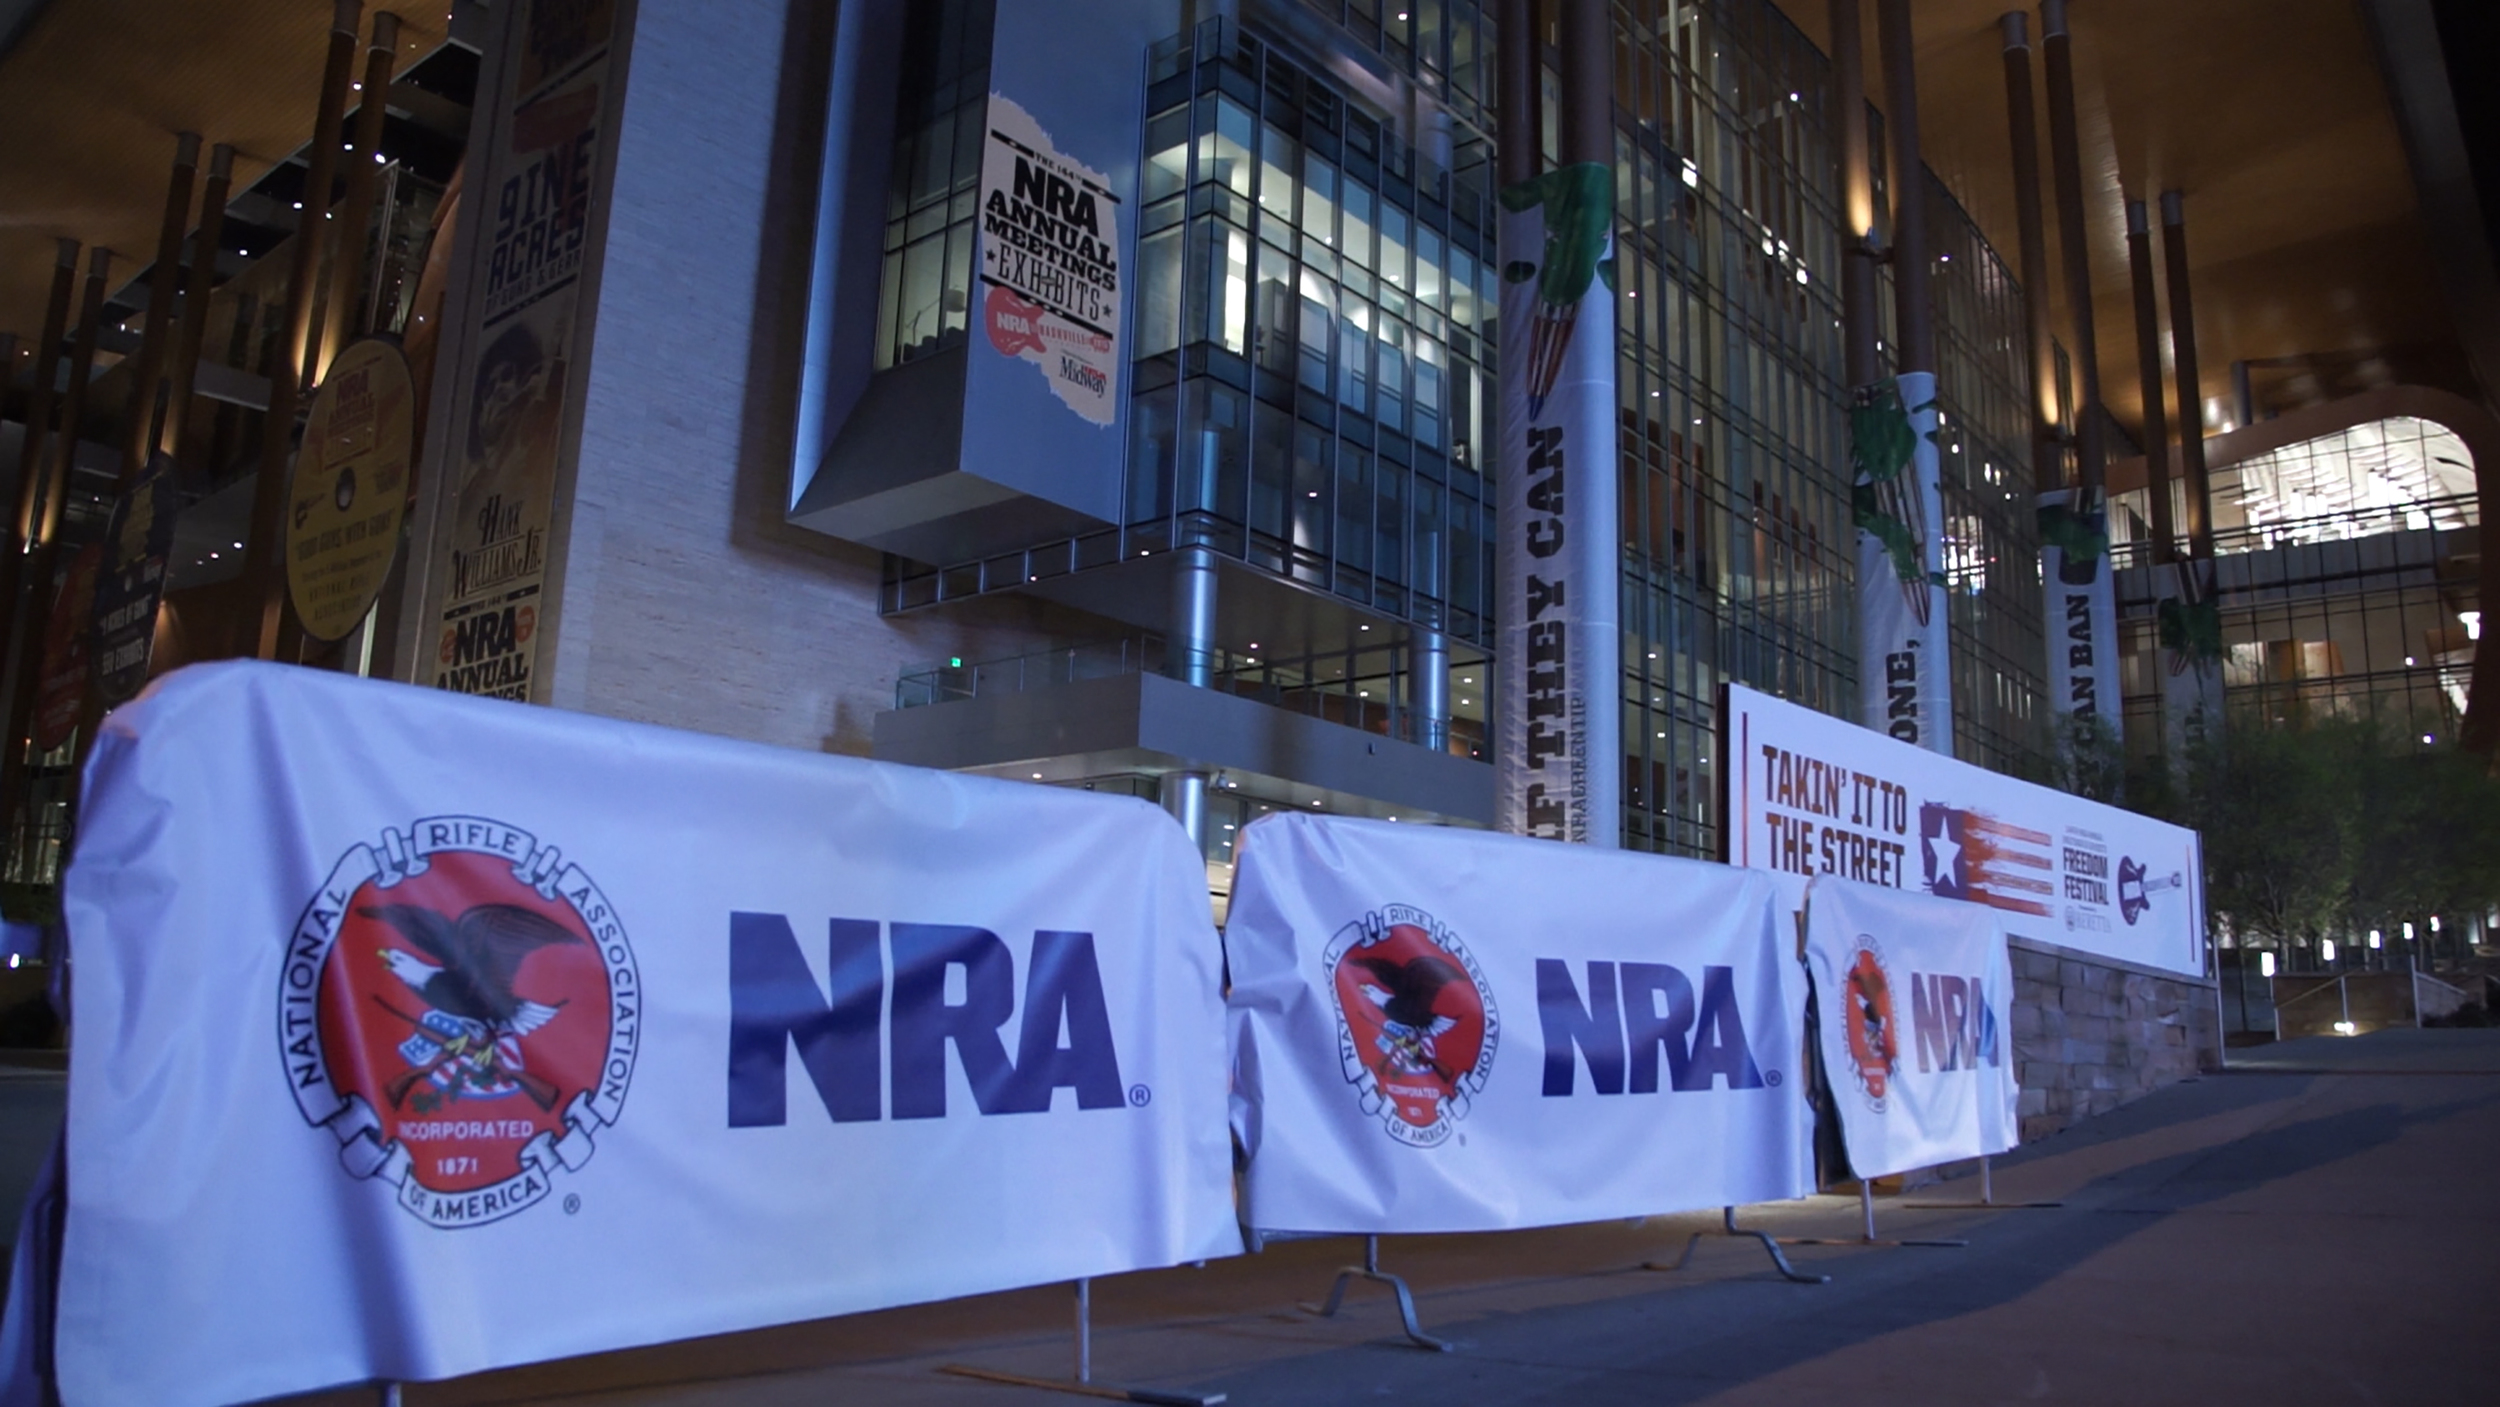 NRA_signage.jpg